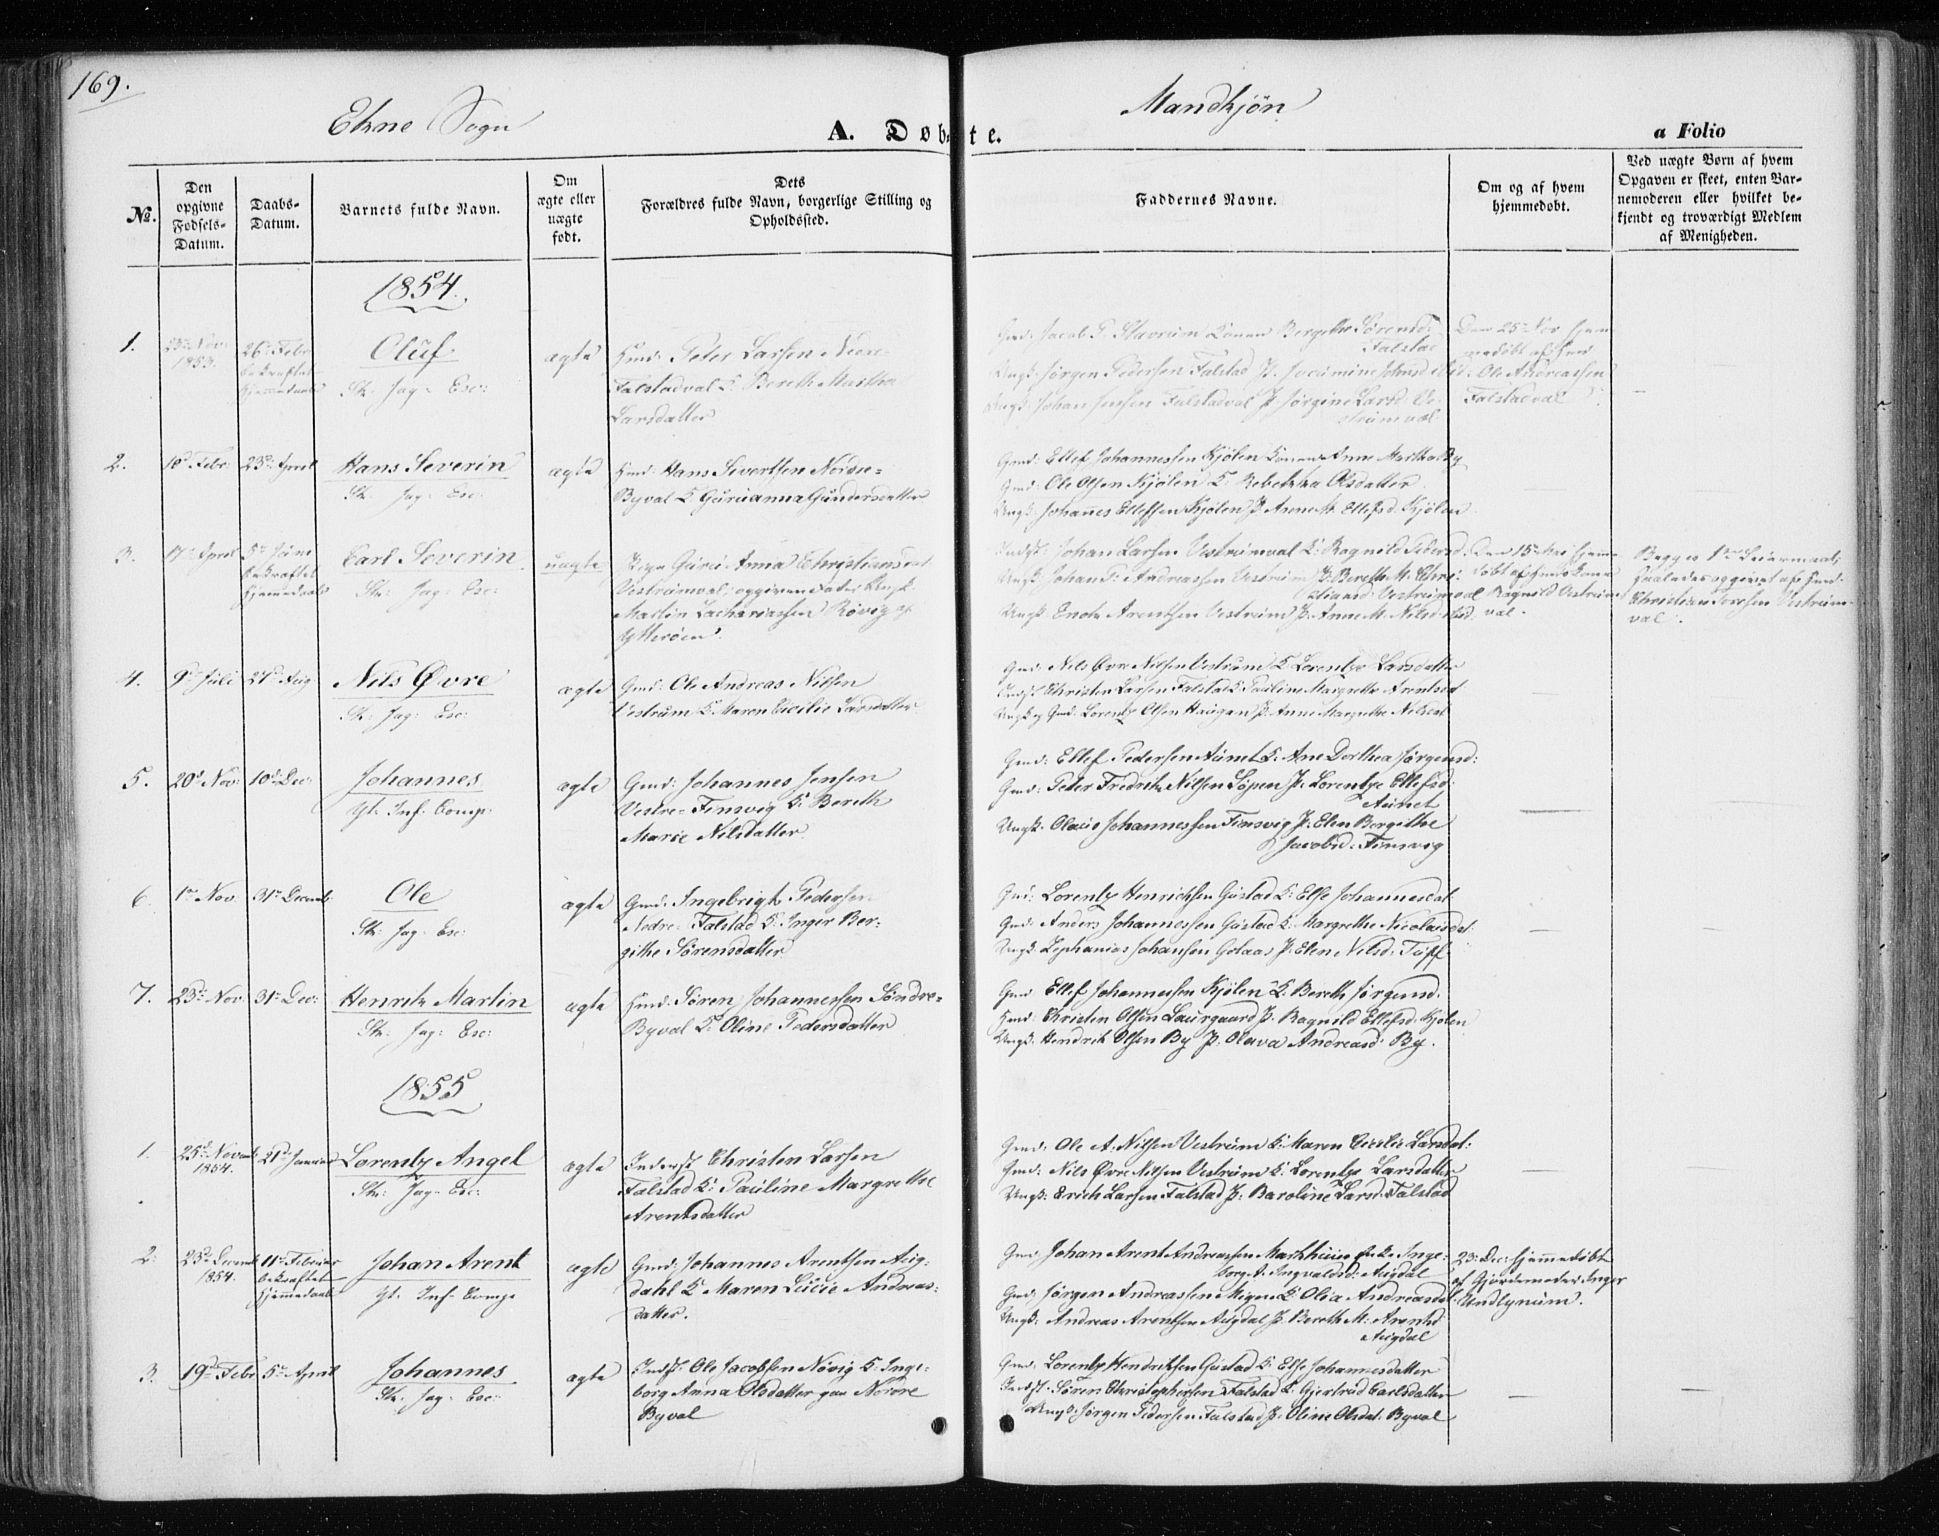 SAT, Ministerialprotokoller, klokkerbøker og fødselsregistre - Nord-Trøndelag, 717/L0154: Ministerialbok nr. 717A07 /3, 1850-1862, s. 169